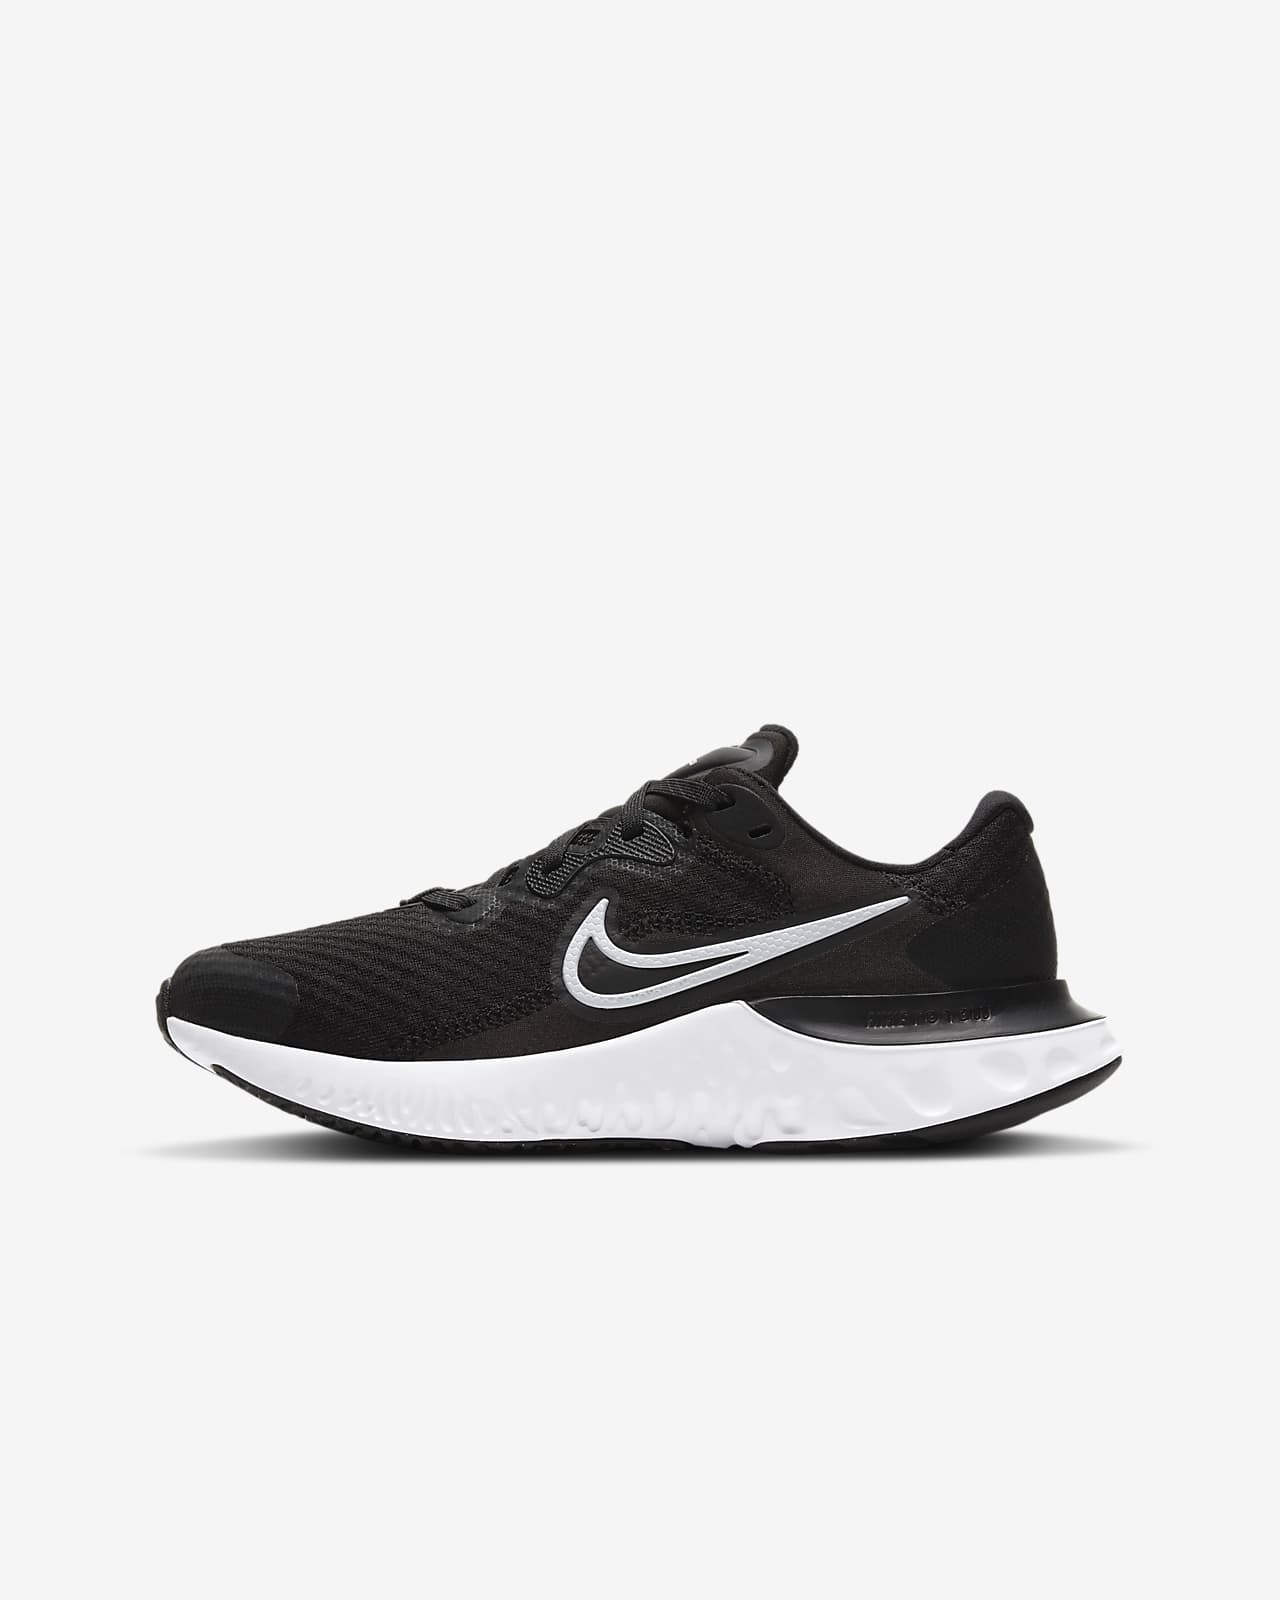 Nike Renew Run 2 Genç Çocuk Ayakkabısı